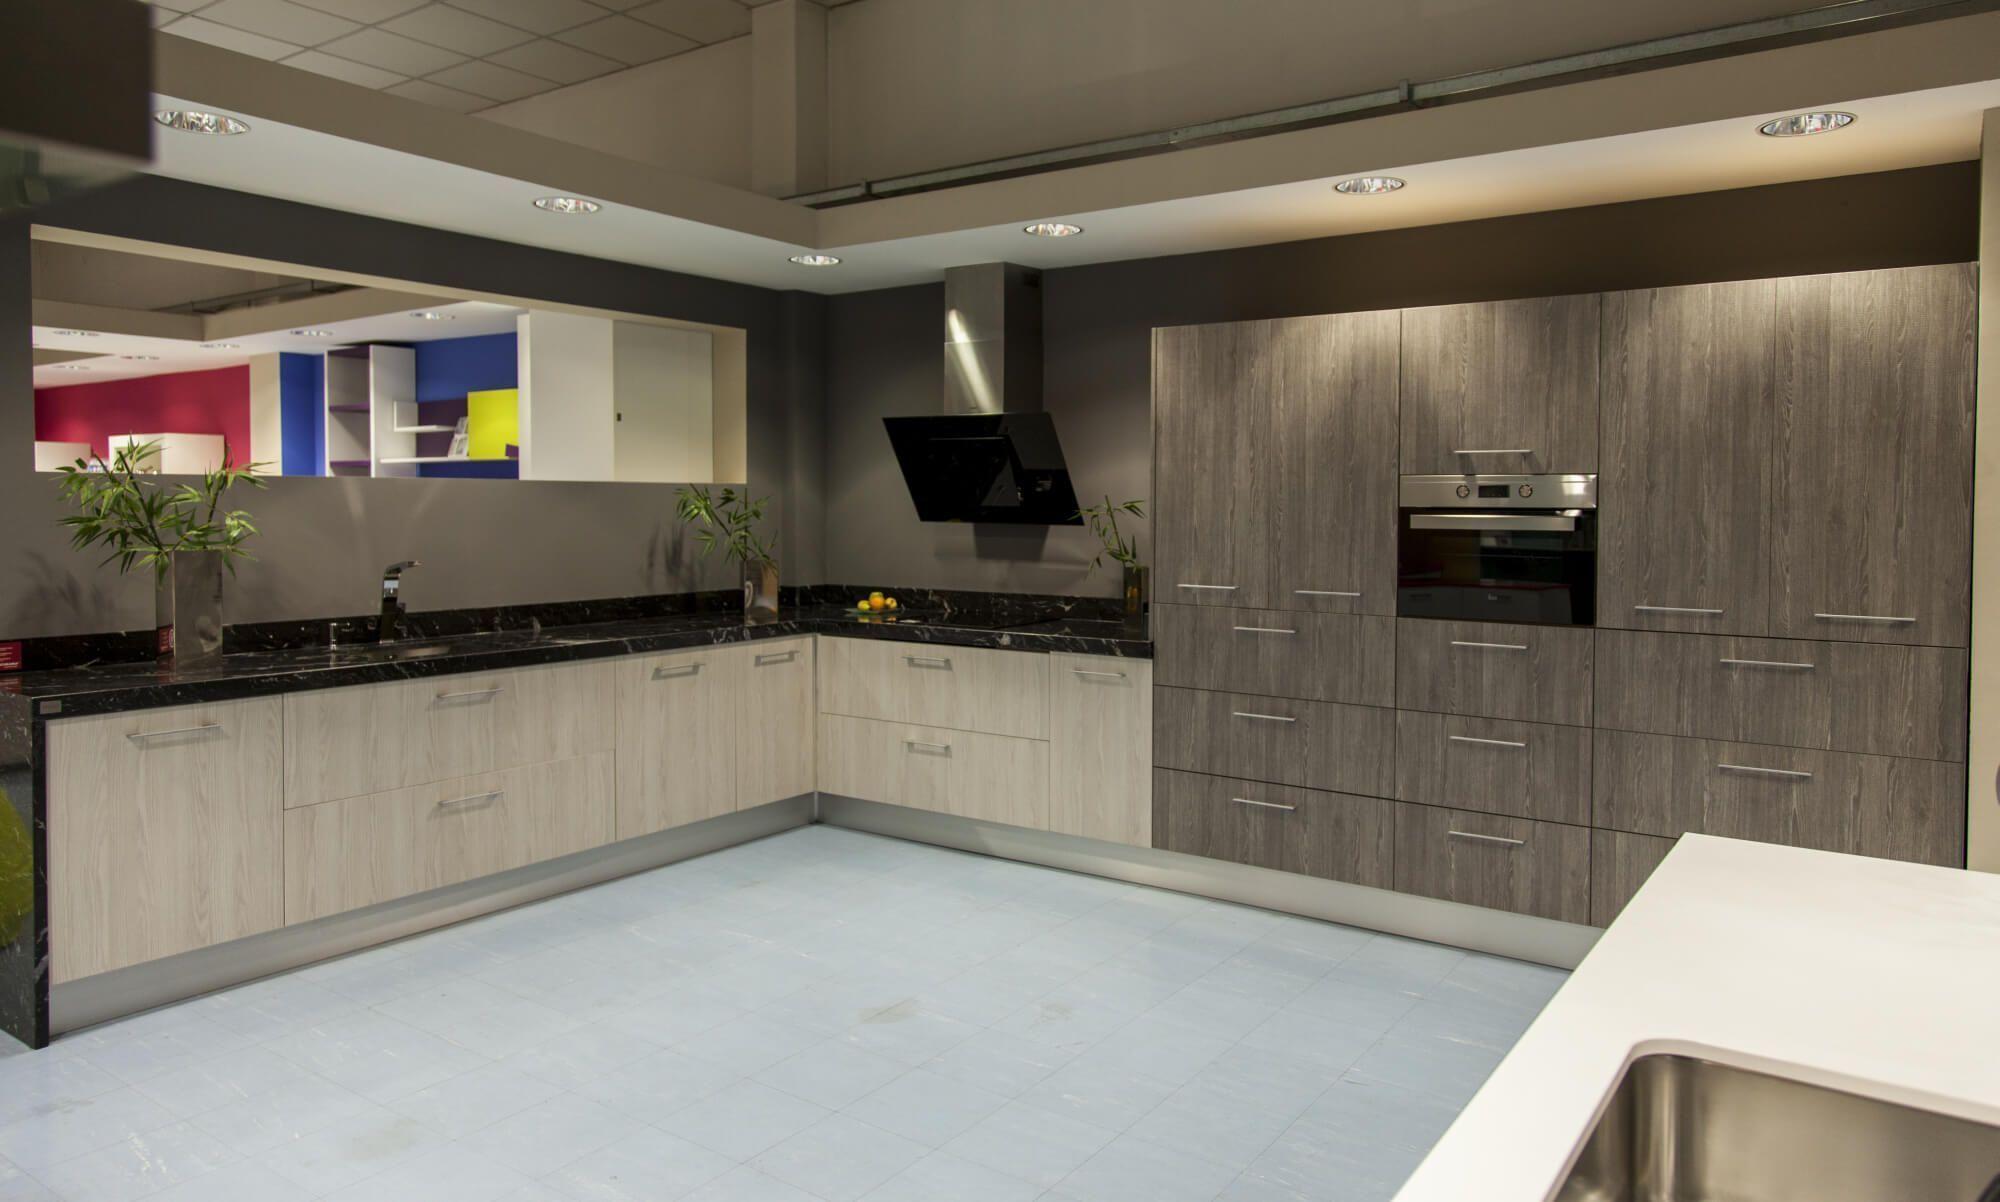 Exposicion muebles de cocina alcala 4 lasan decoracion - Muebles penalver alcala la real ...